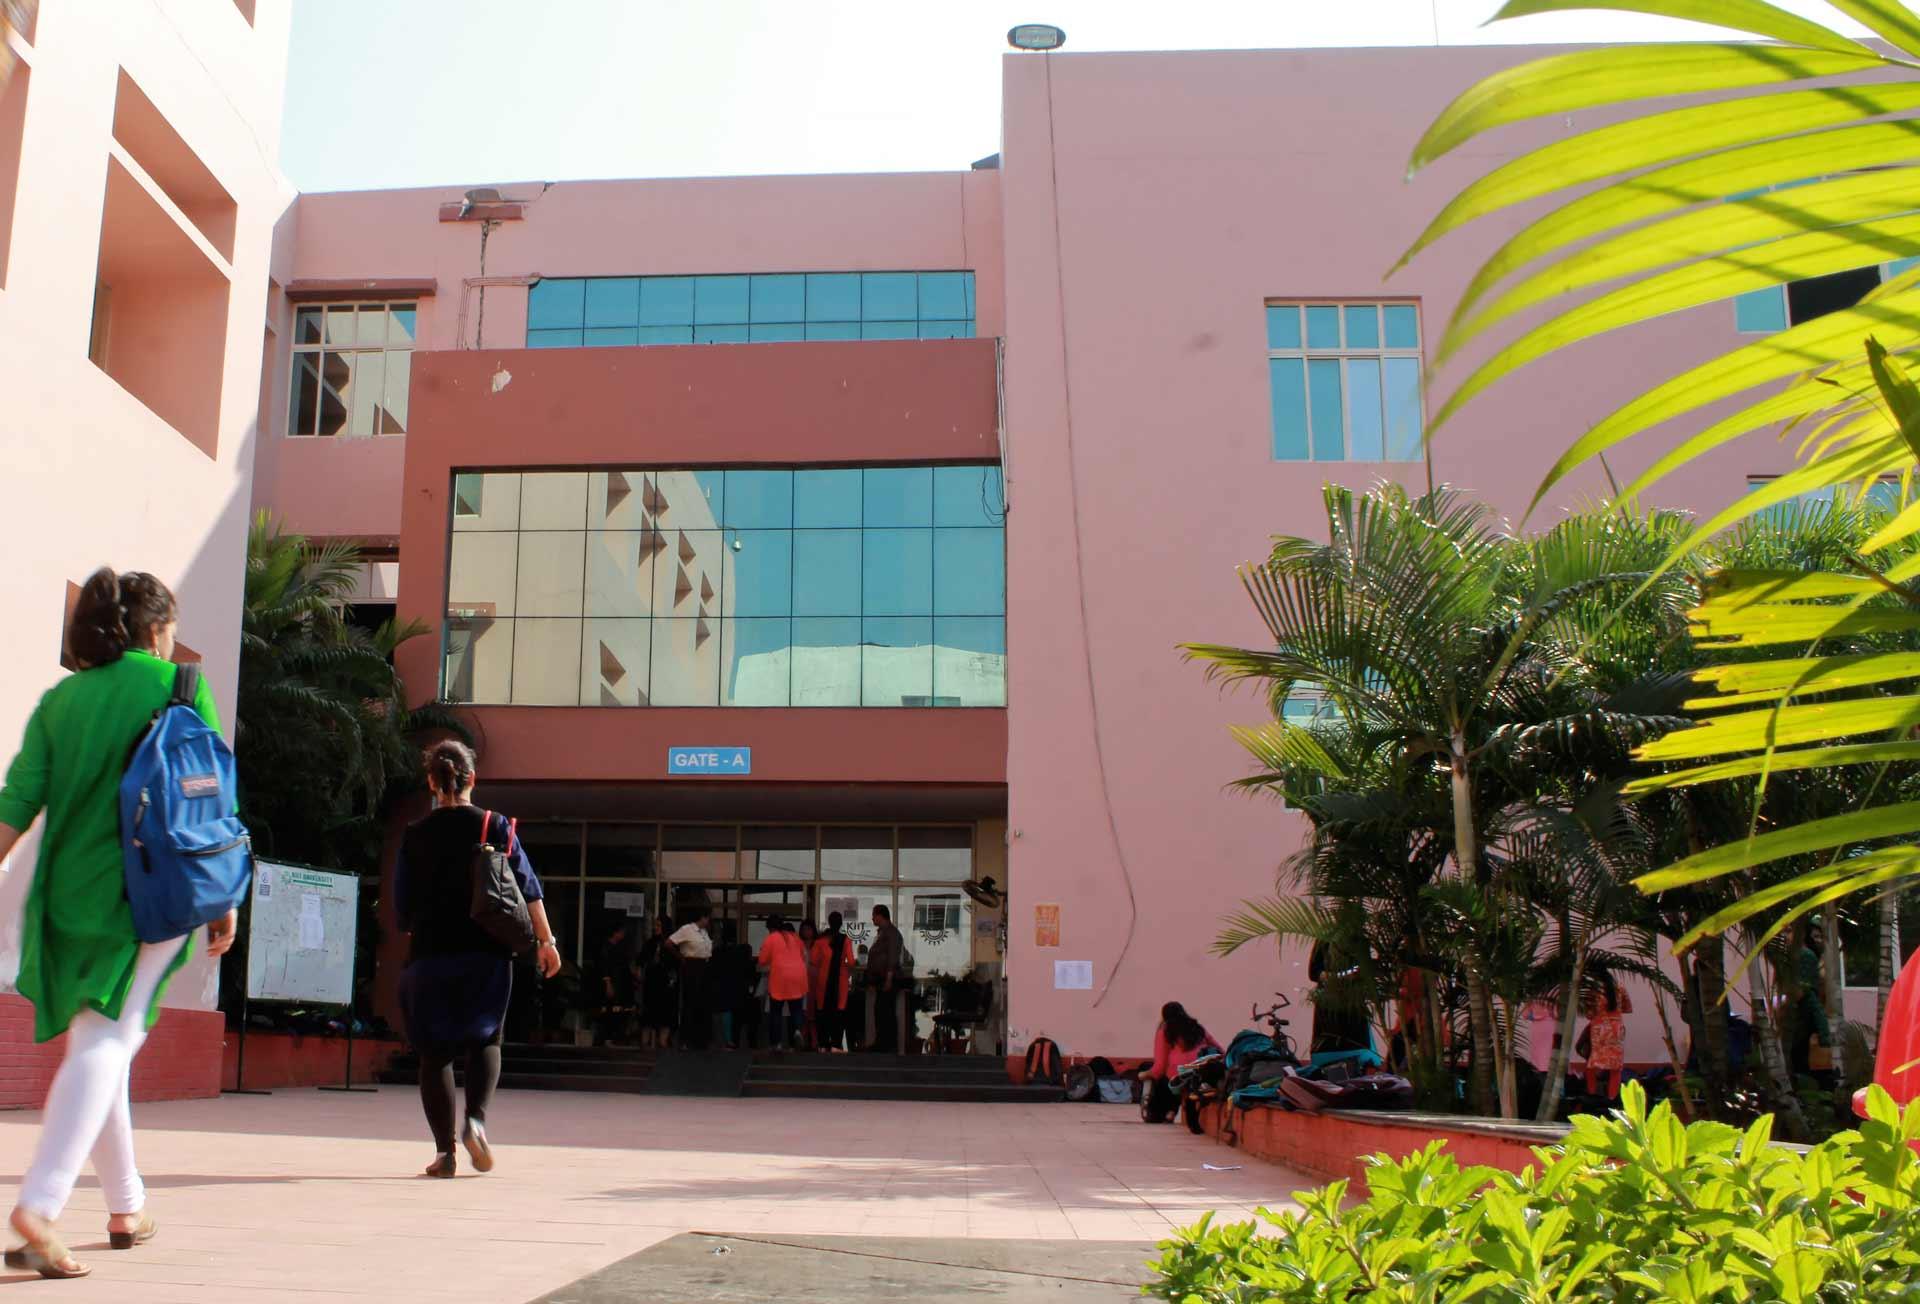 KIIT Campus Life Photo